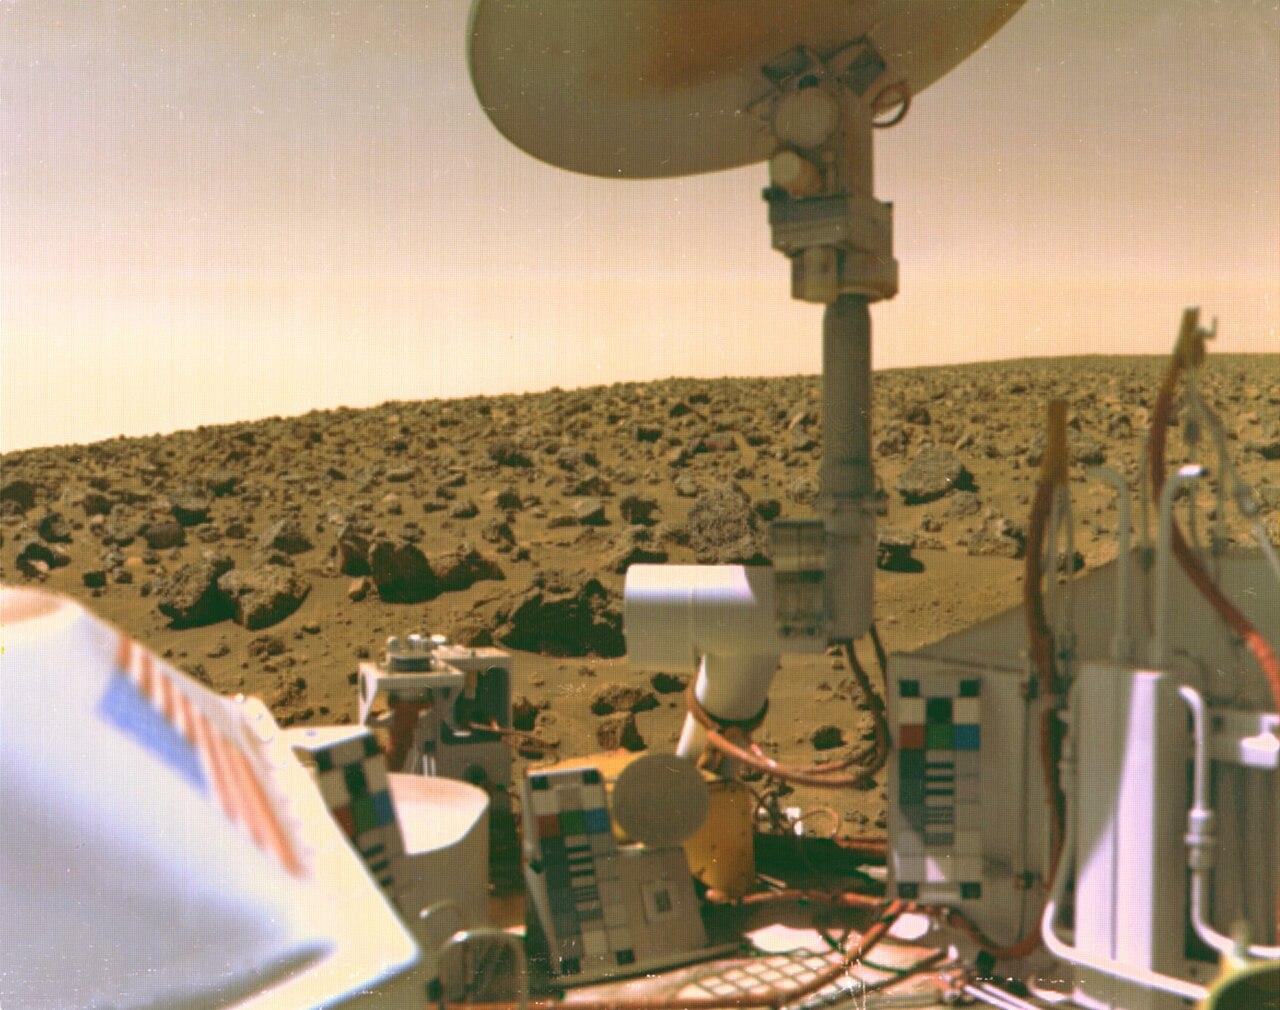 Wurde auf dem Mars schon längst Leben entdeckt? 7